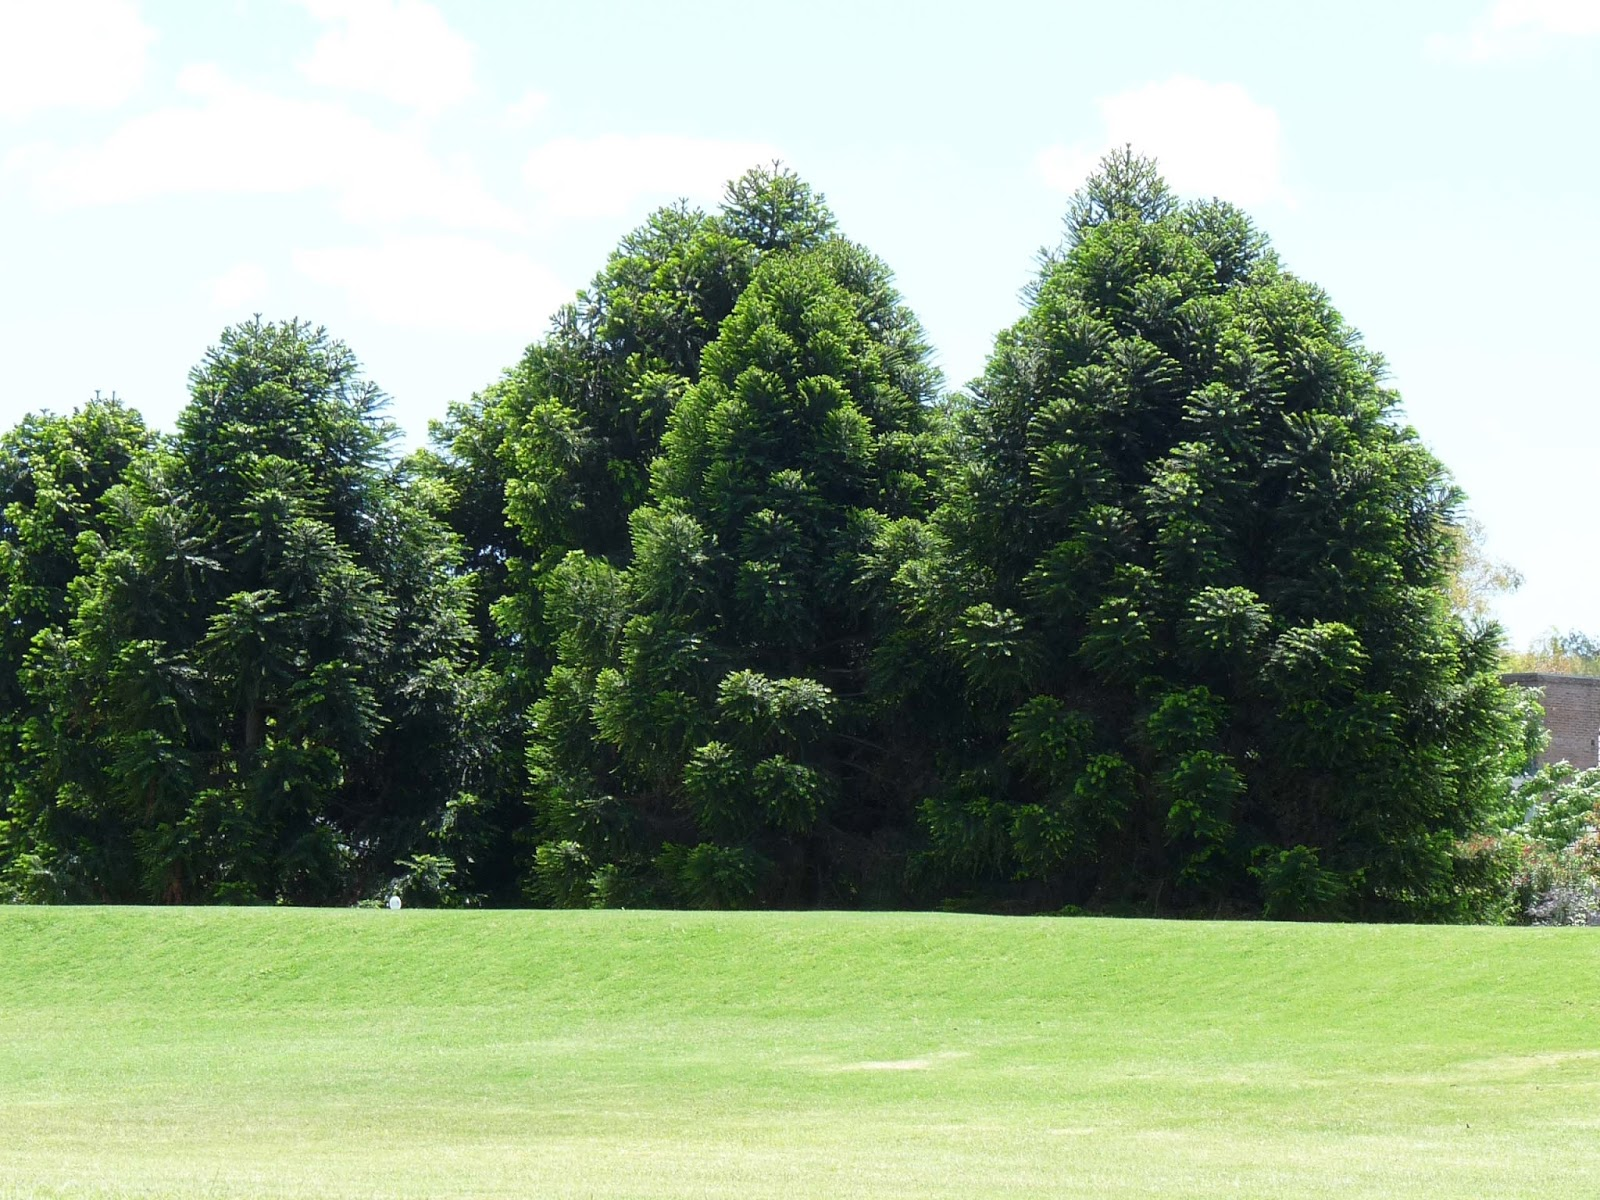 Comprar pinos para plantar affordable plantar rboles y for Precio abeto vivero